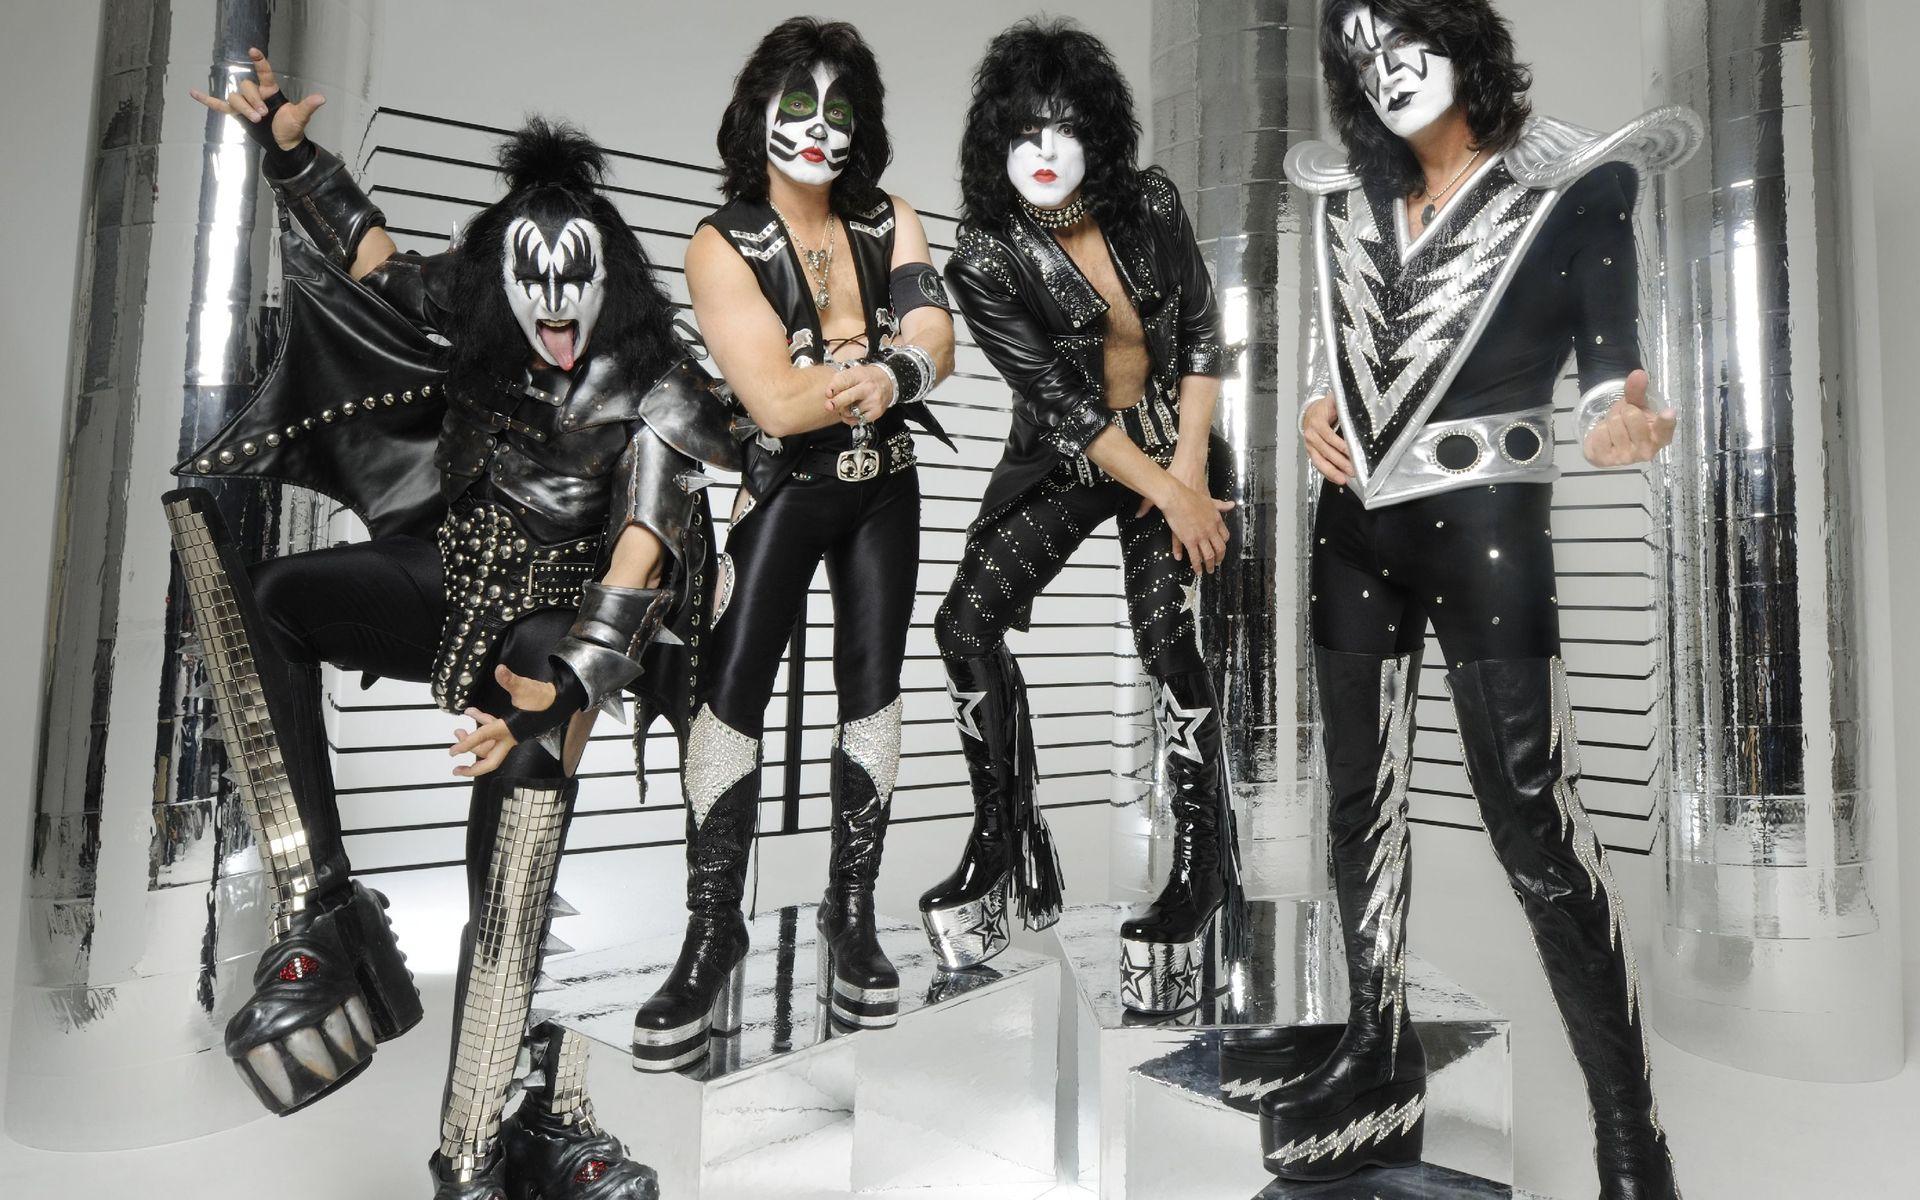 Het optreden van KISS komende dinsdag in de Manchester Arena gaat niet door